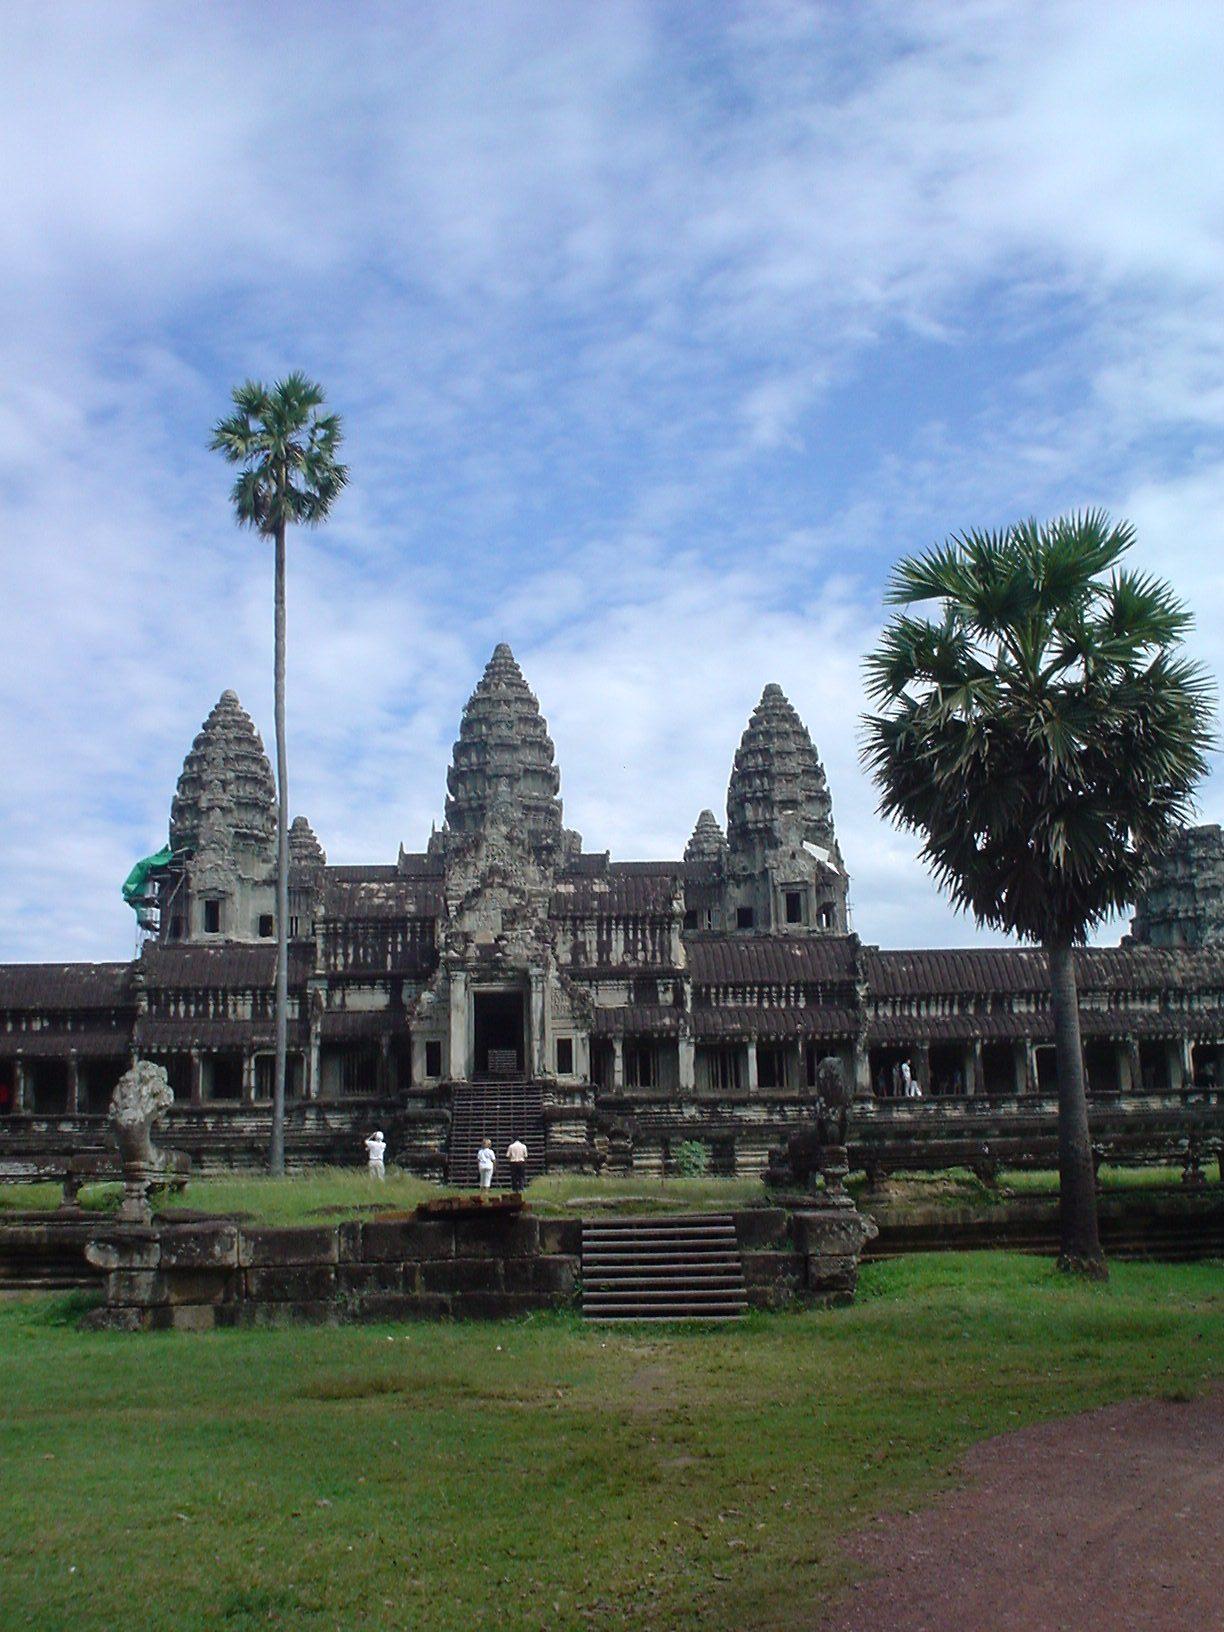 Siem Reap (Camboya) - Templo de AngkorVat